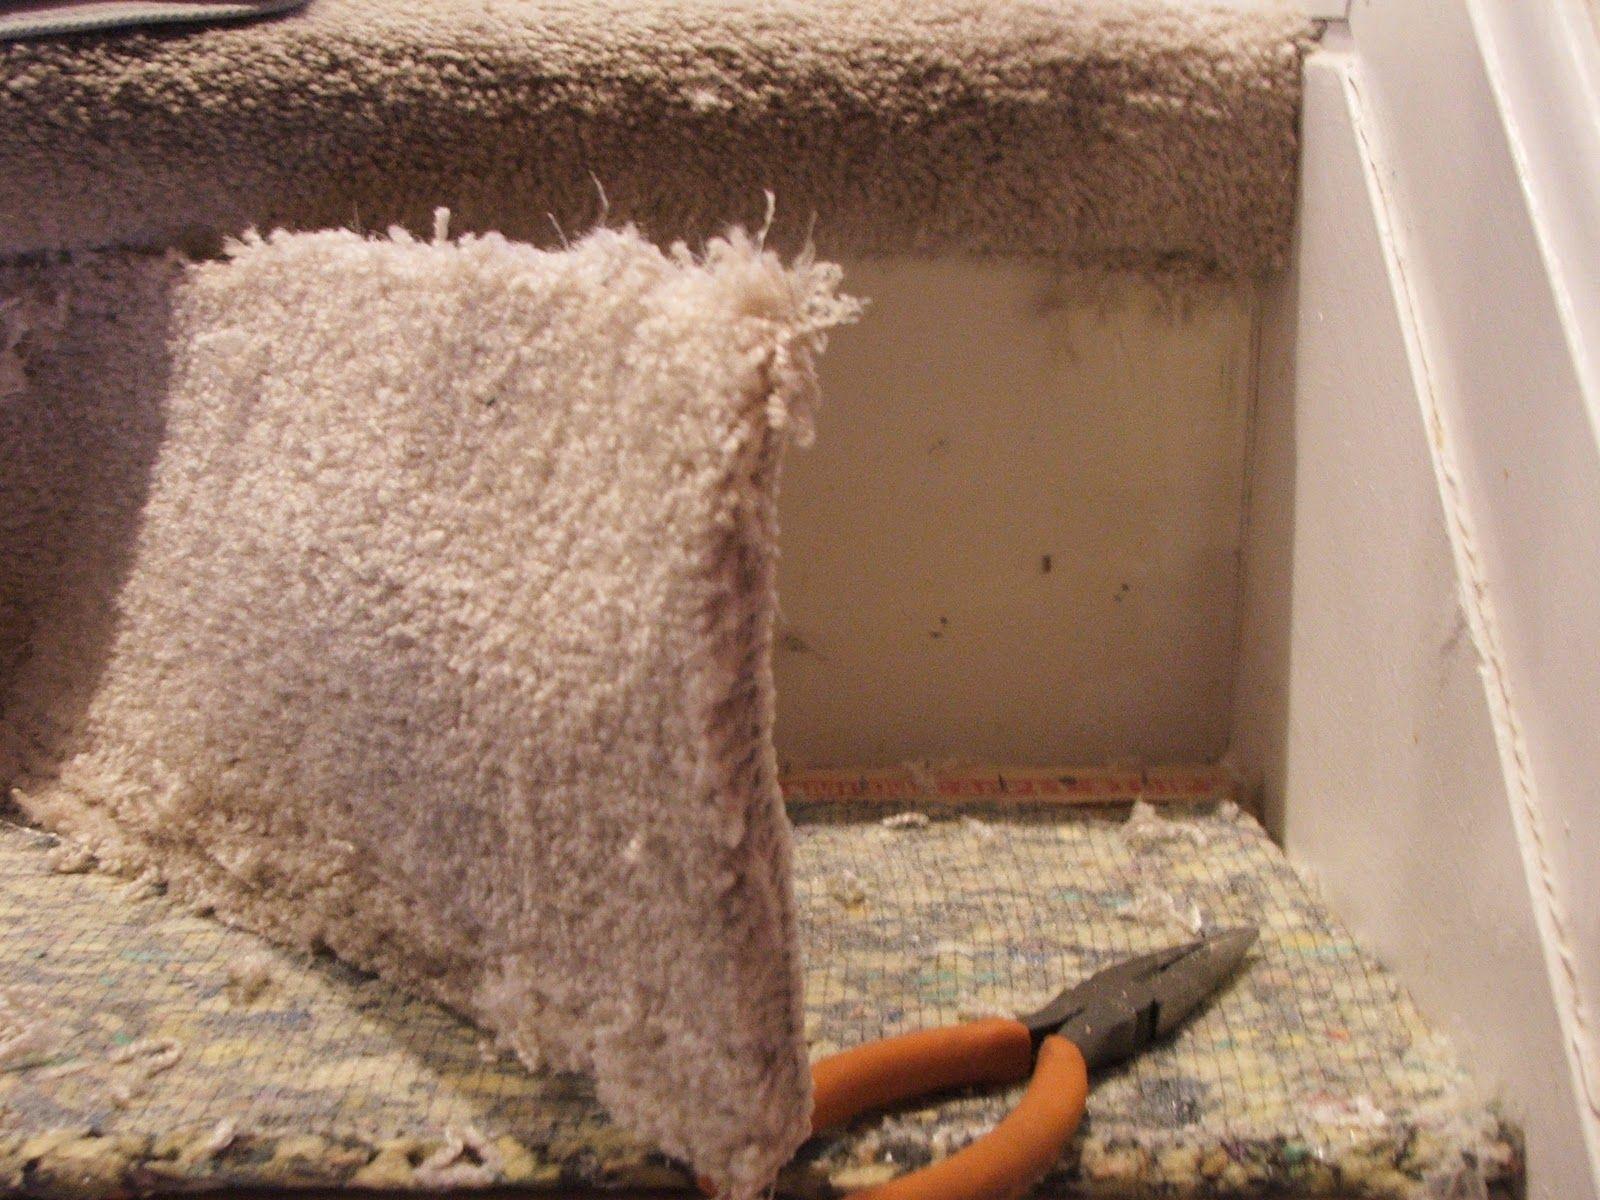 Trap Tapijt Verwijderen : Trap renoveren trapbekleding tapijt verwijderen traprenovatie